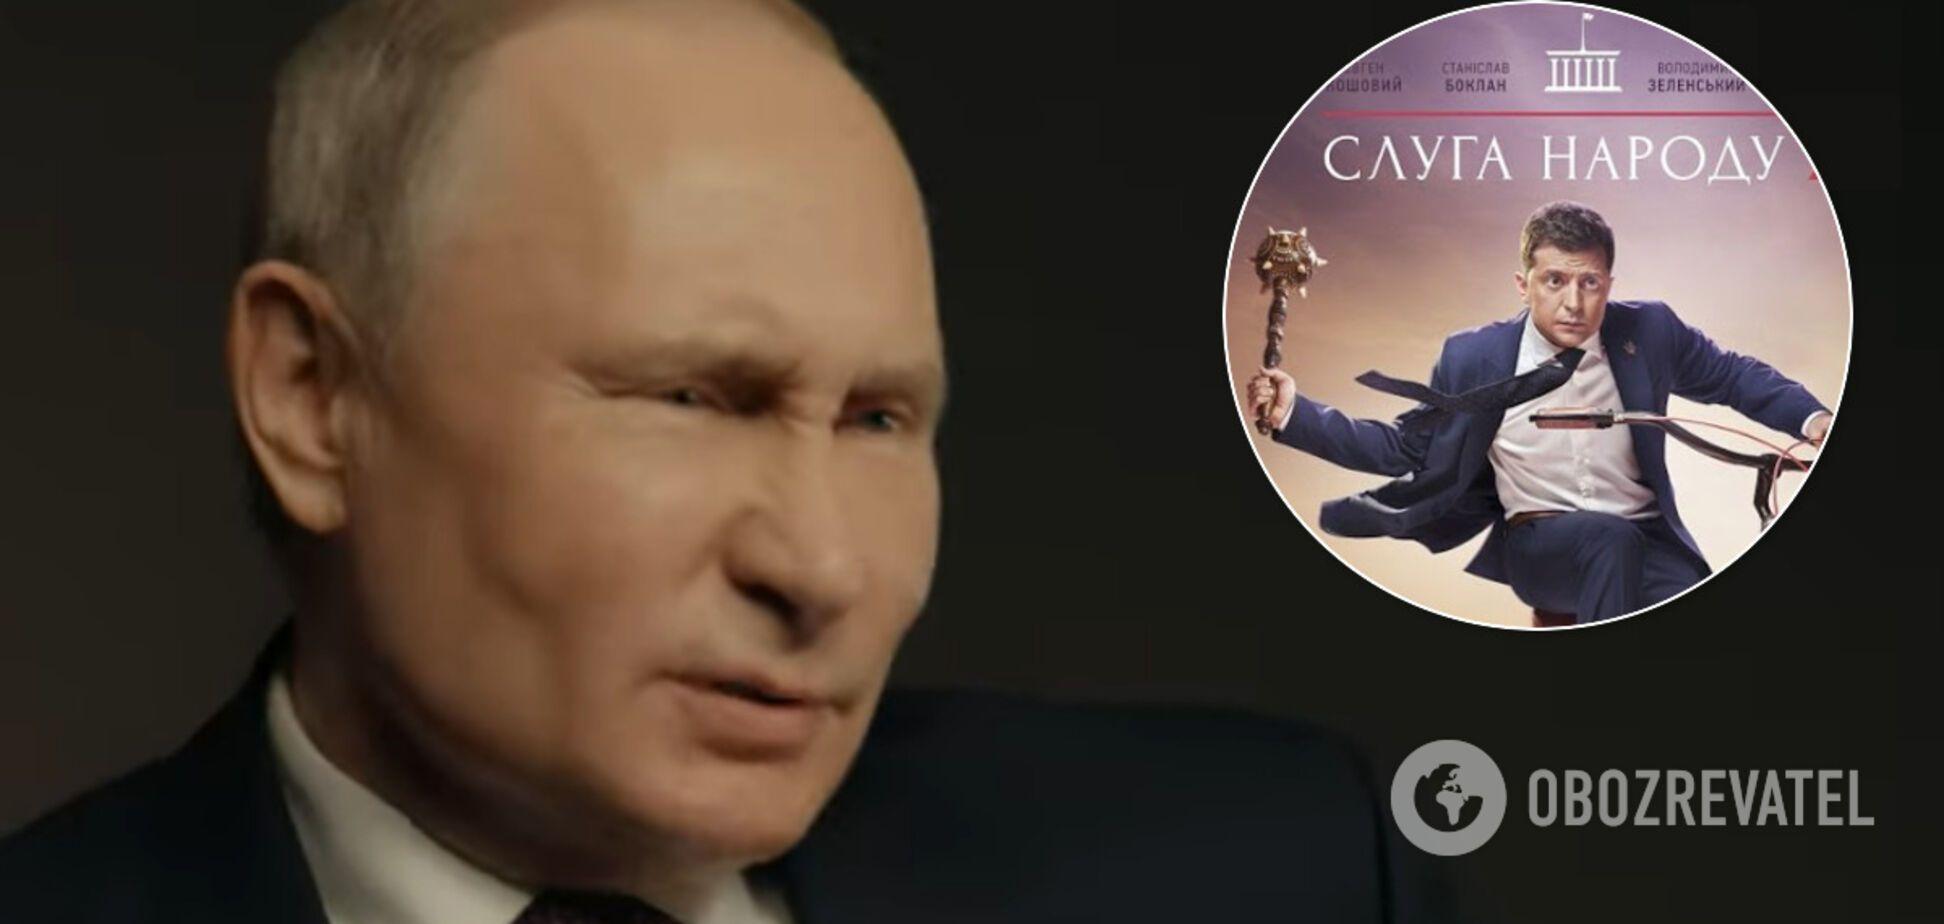 Путин: 'Слугу народа' не смотрел, Голобородько не знаю